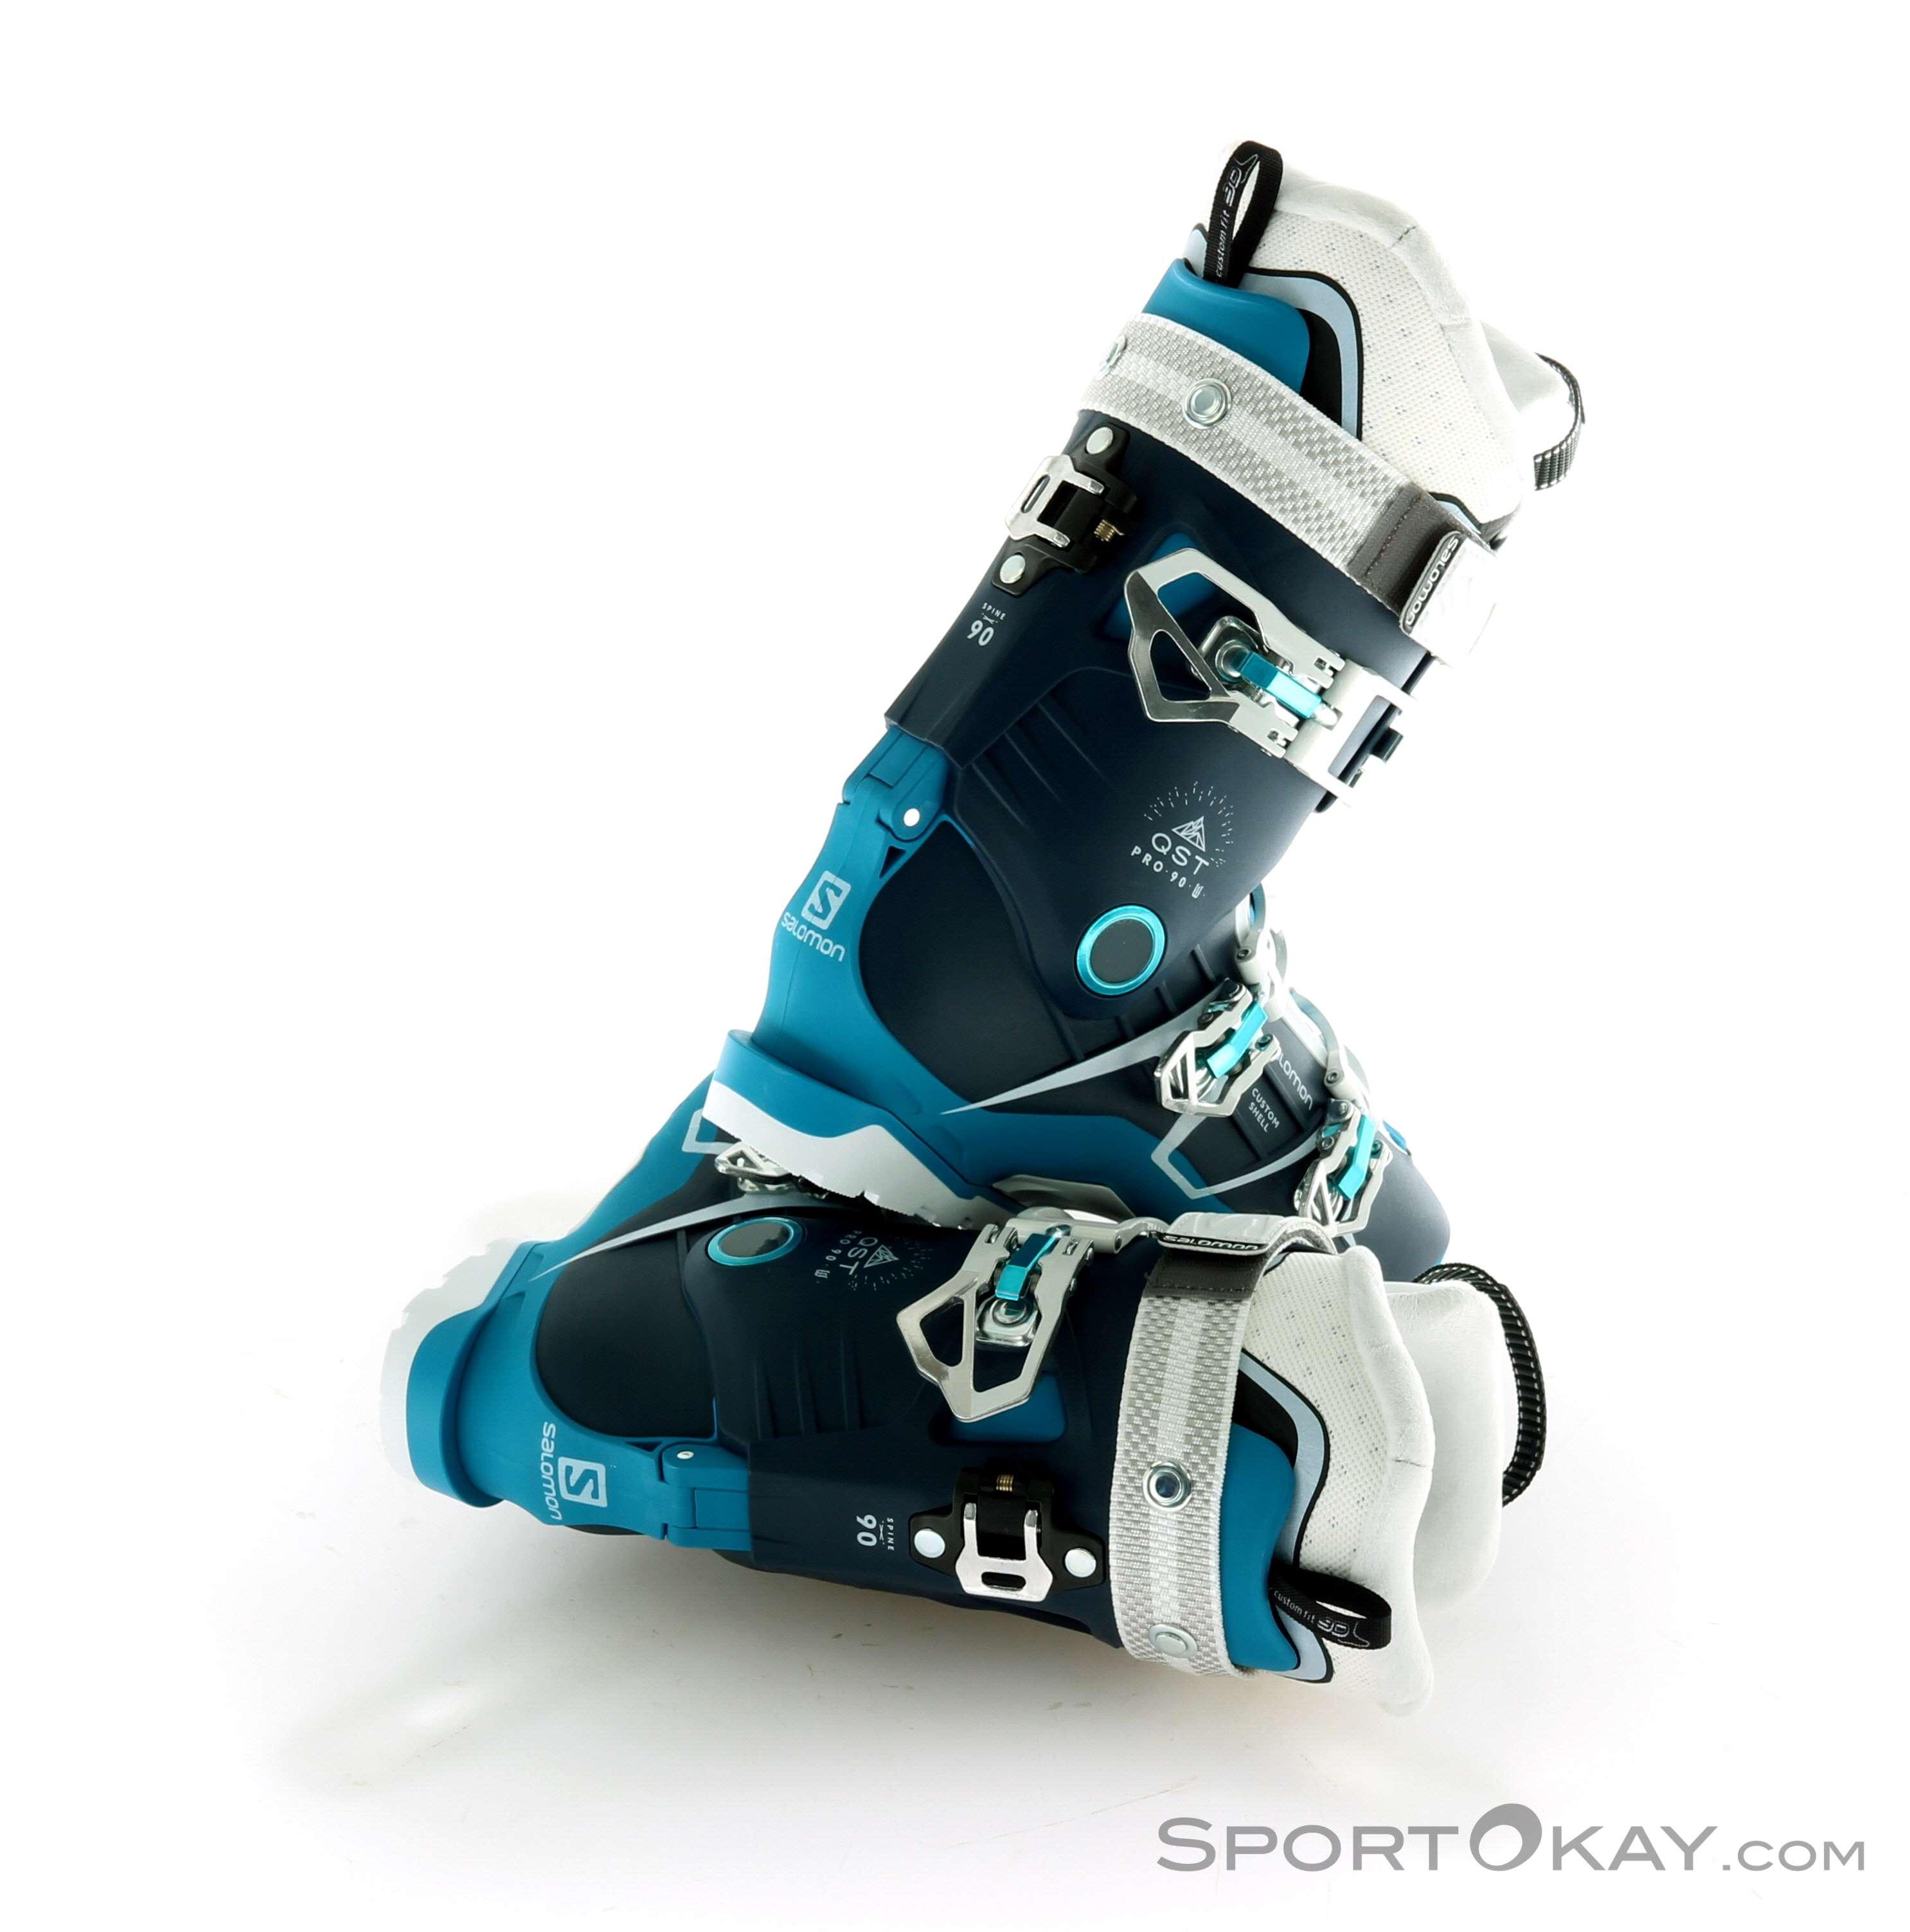 W Womens 90 Salomon Pro Qst Ski Boots W2EHD9I